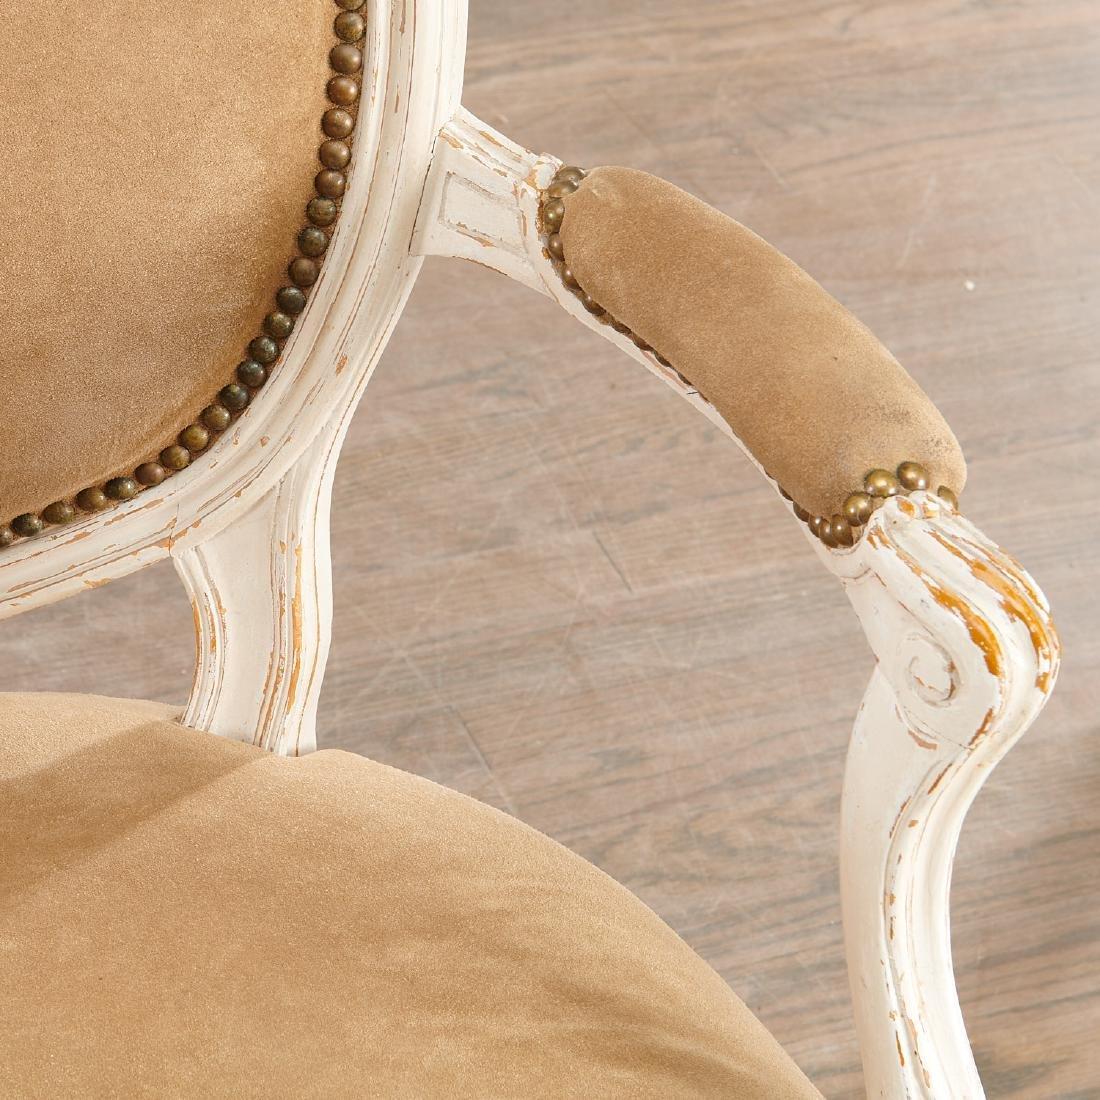 Set (8) Louis XVI style fauteuils - 3